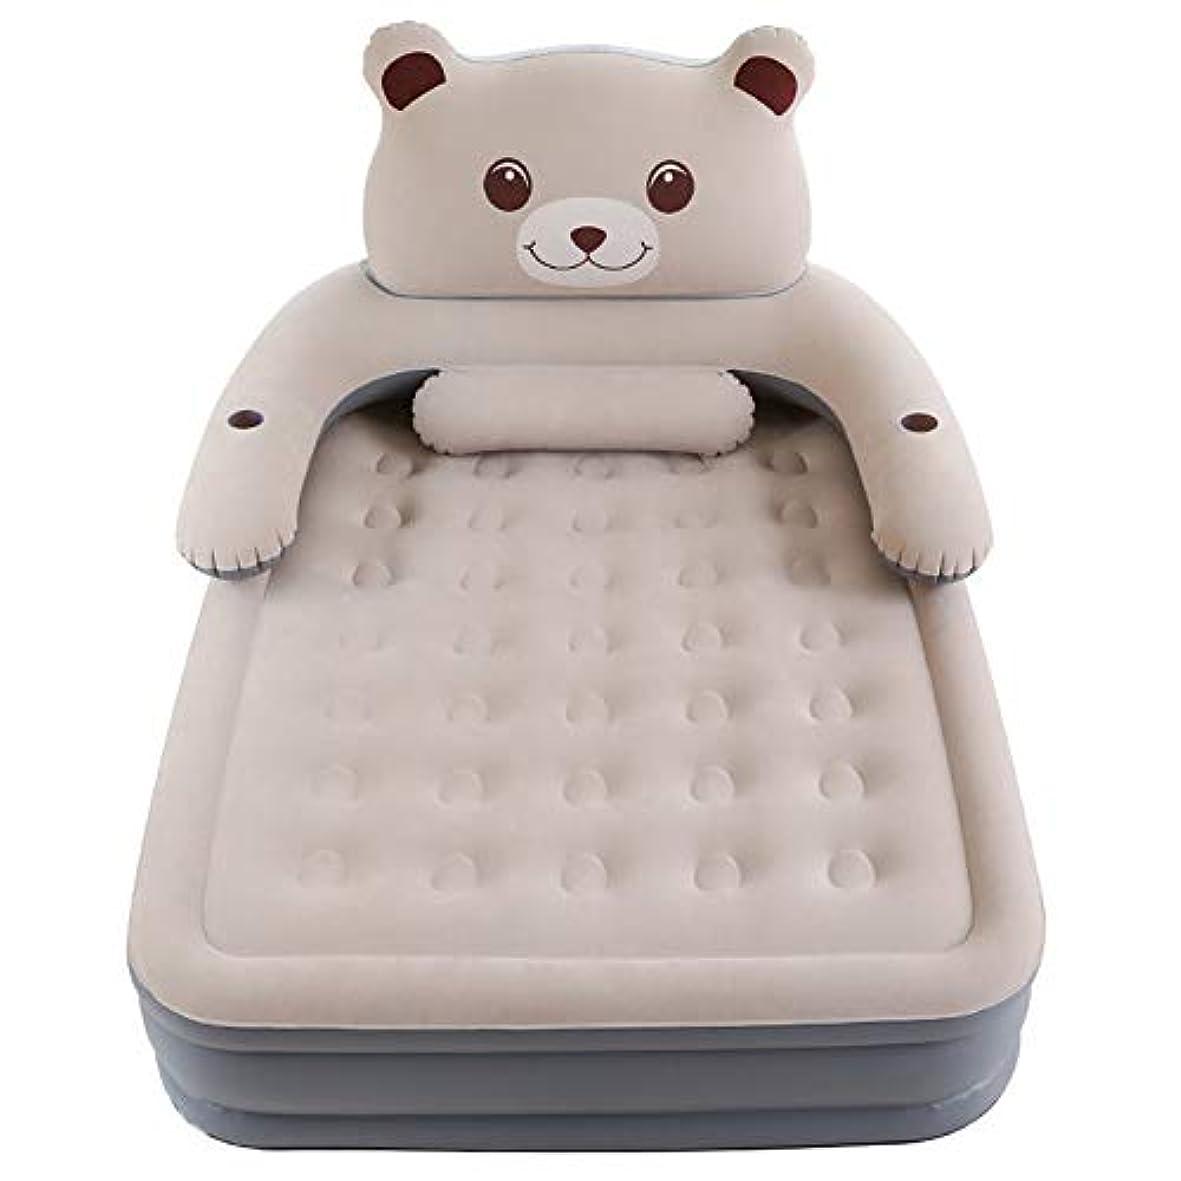 塩辛い拮抗する温度計ツインサイズのエアマットレスは、電気ポンプカップホルダー内蔵のベッドのインフレータブルマットレスを吹くゲスト、キャンプのための取り外し可能な背もたれ